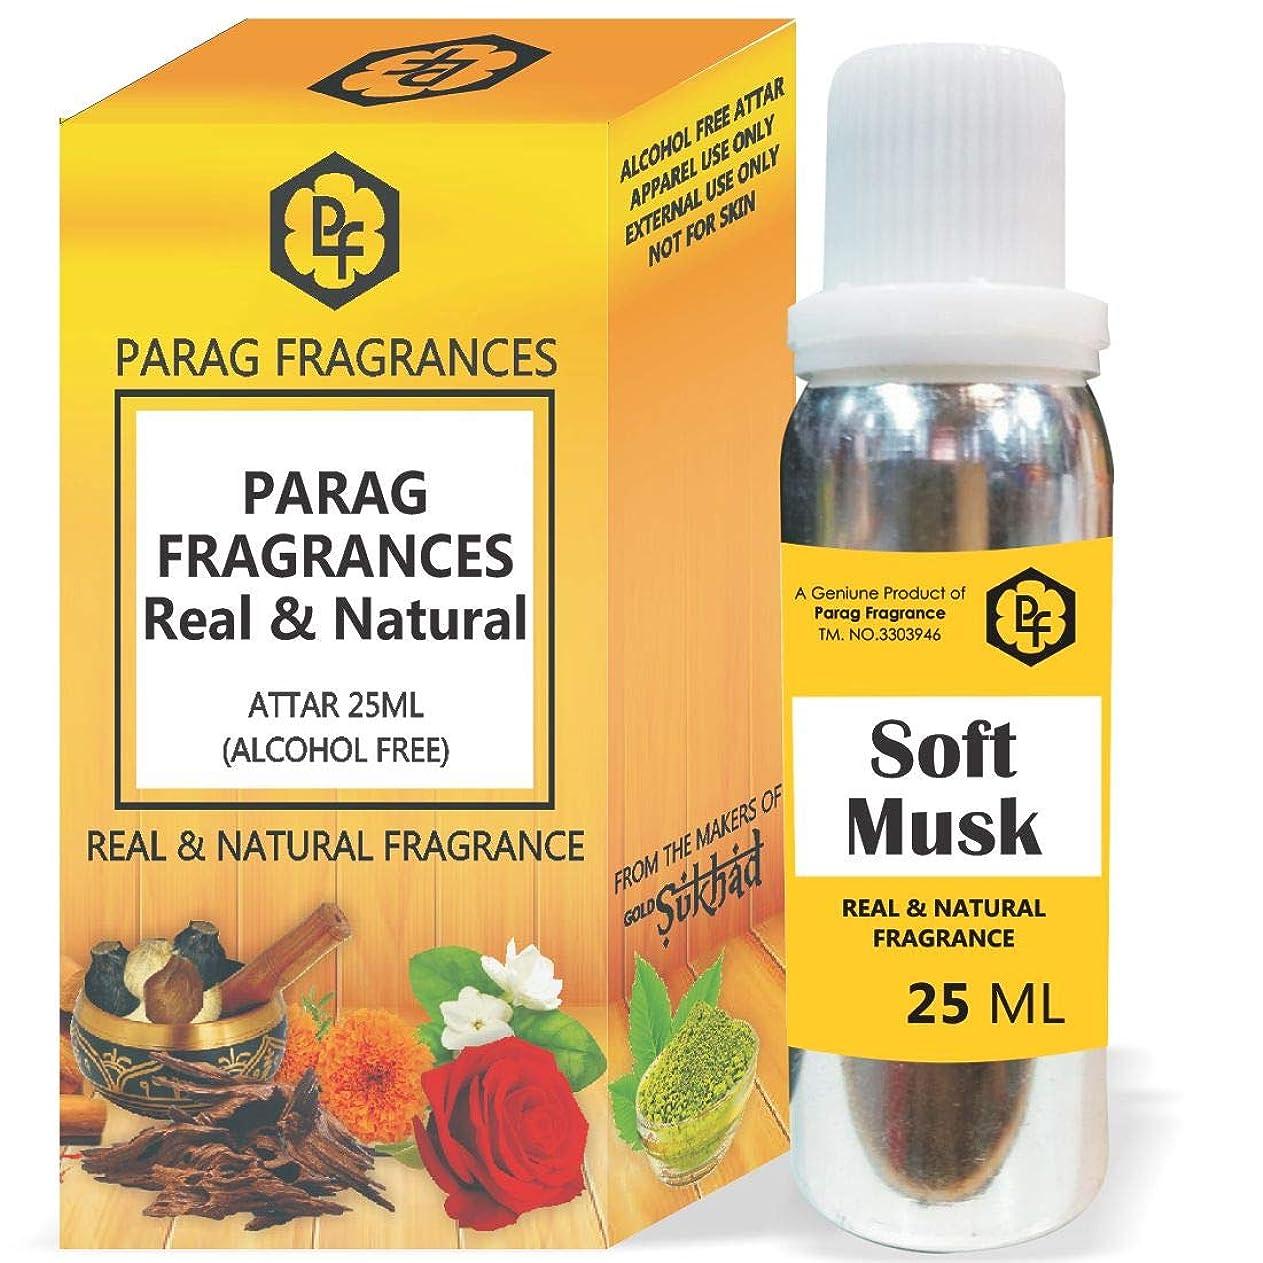 根拠骨ロビー50/100/200/500パック内の他のエディションファンシー空き瓶でParagフレグランス25ミリリットルソフトムスクアター(アルコールフリー、ロングラスティング、ナチュラルアター)